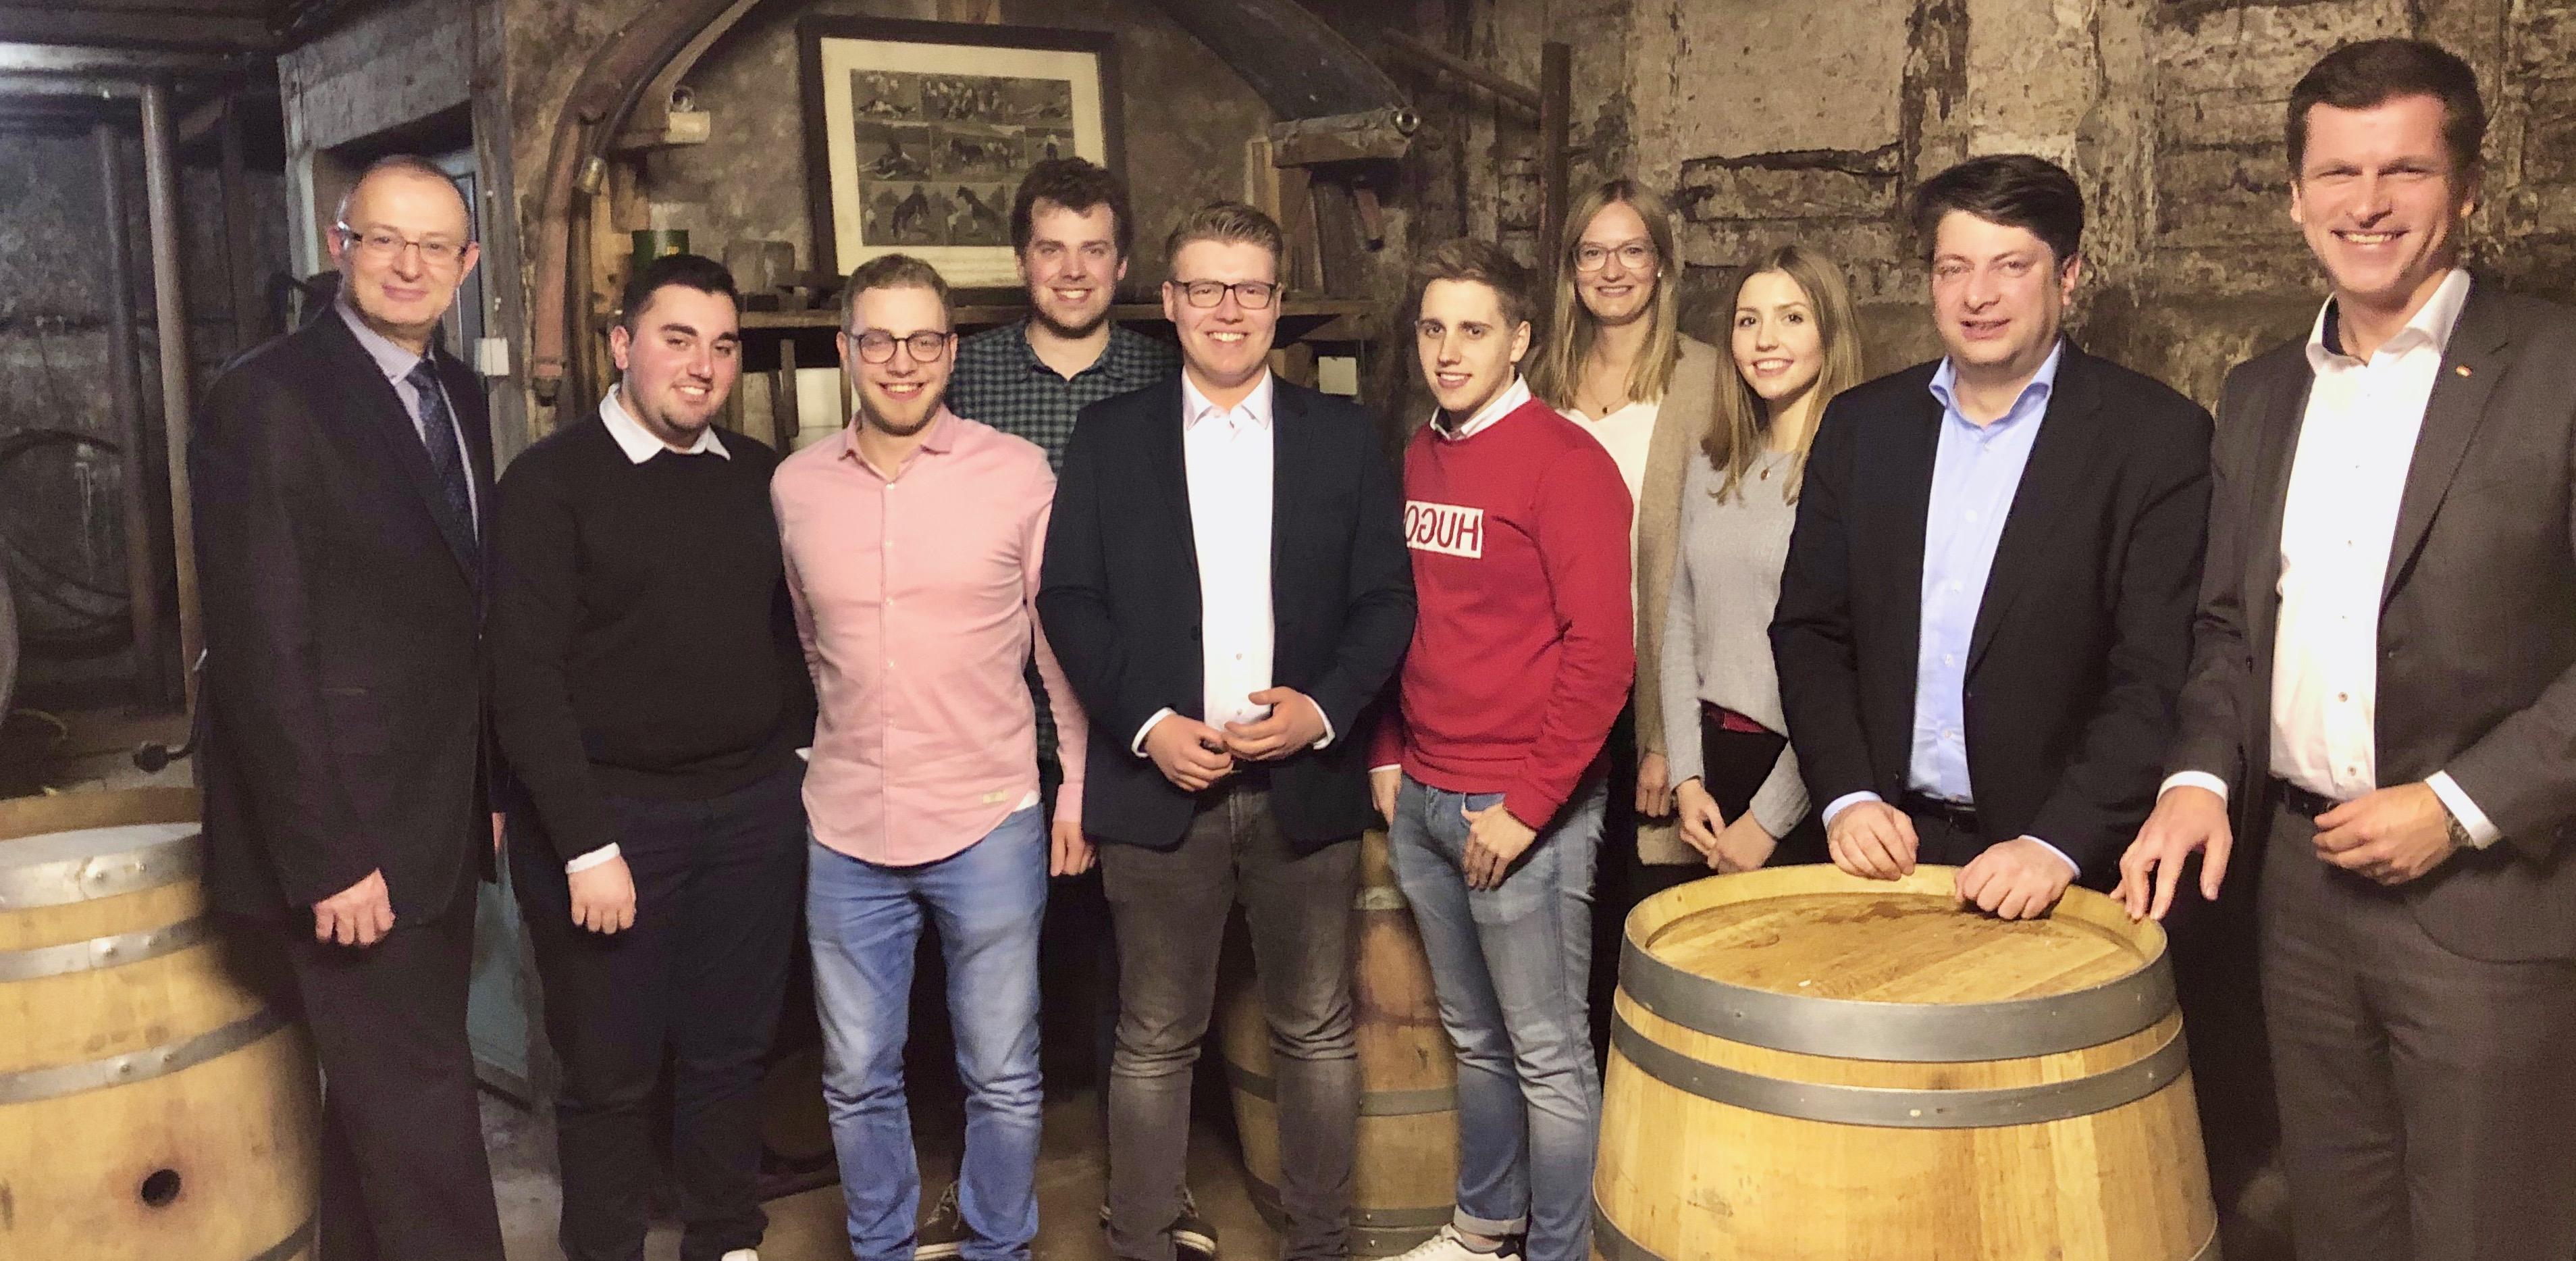 Mit der Jungen Union Artland auf dem Neujahrsempfang der CDU-Quakenbrück: CDU-Vorsitzender und Stadtbürgermeister Matthias Brüggemann (links) sowie die Abgeordneten des Bundes, Andre Berghegger, und des Landes, Christian Calderone (von rechts).